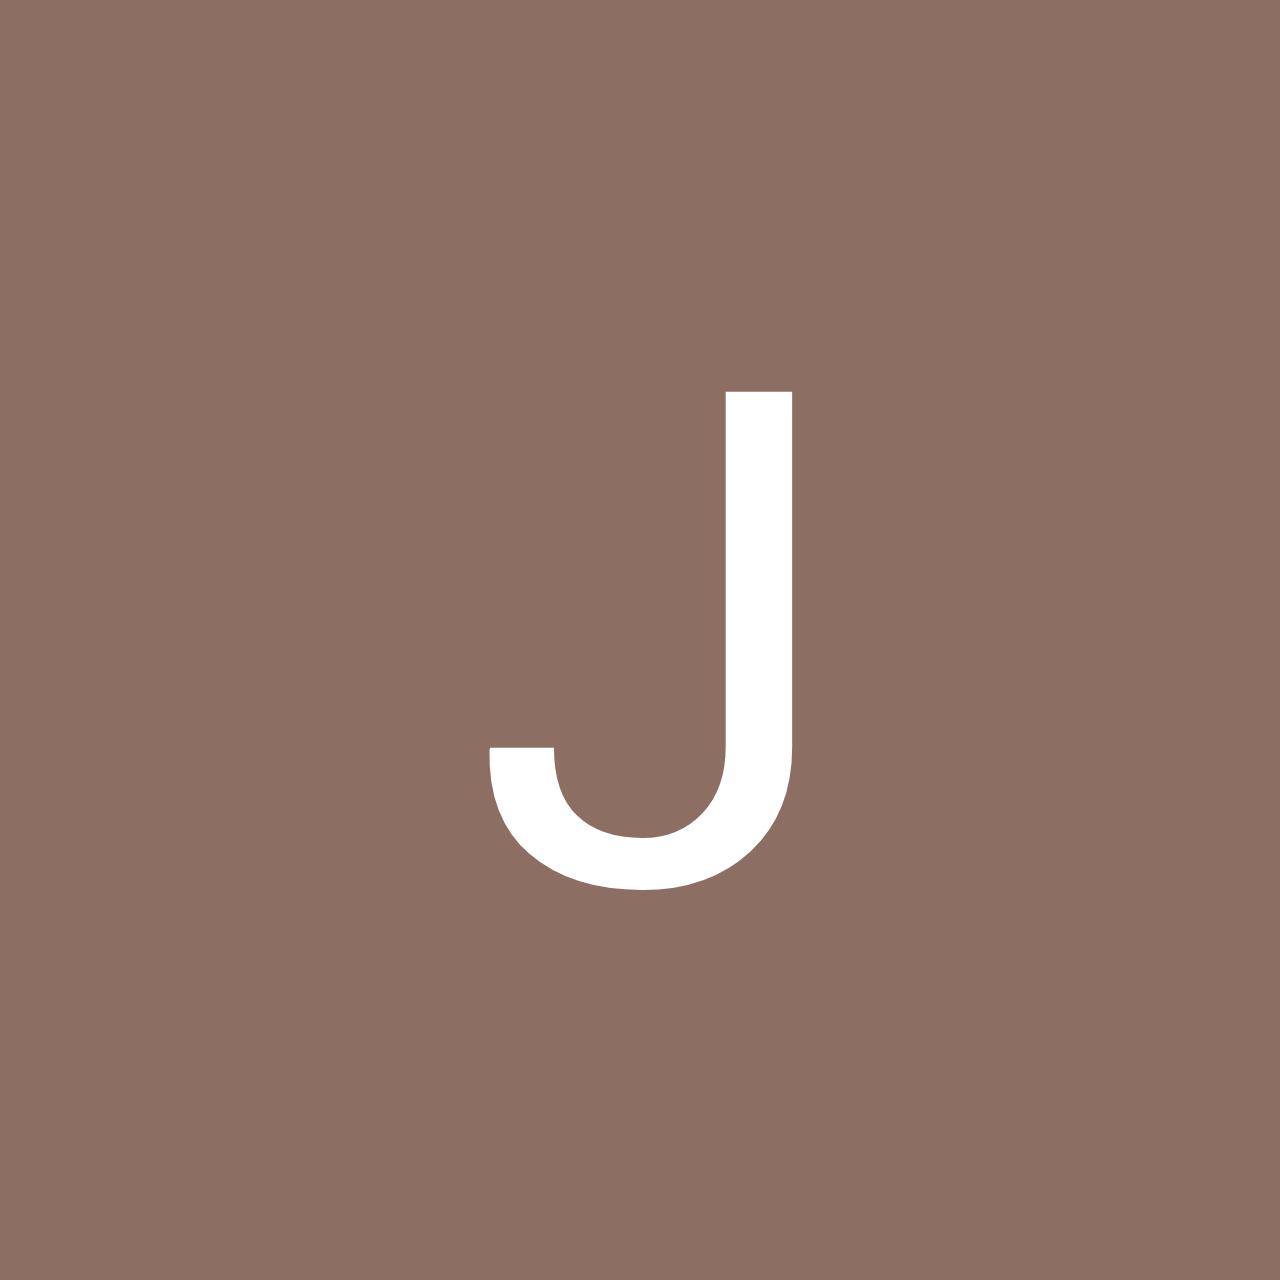 Joey_B93